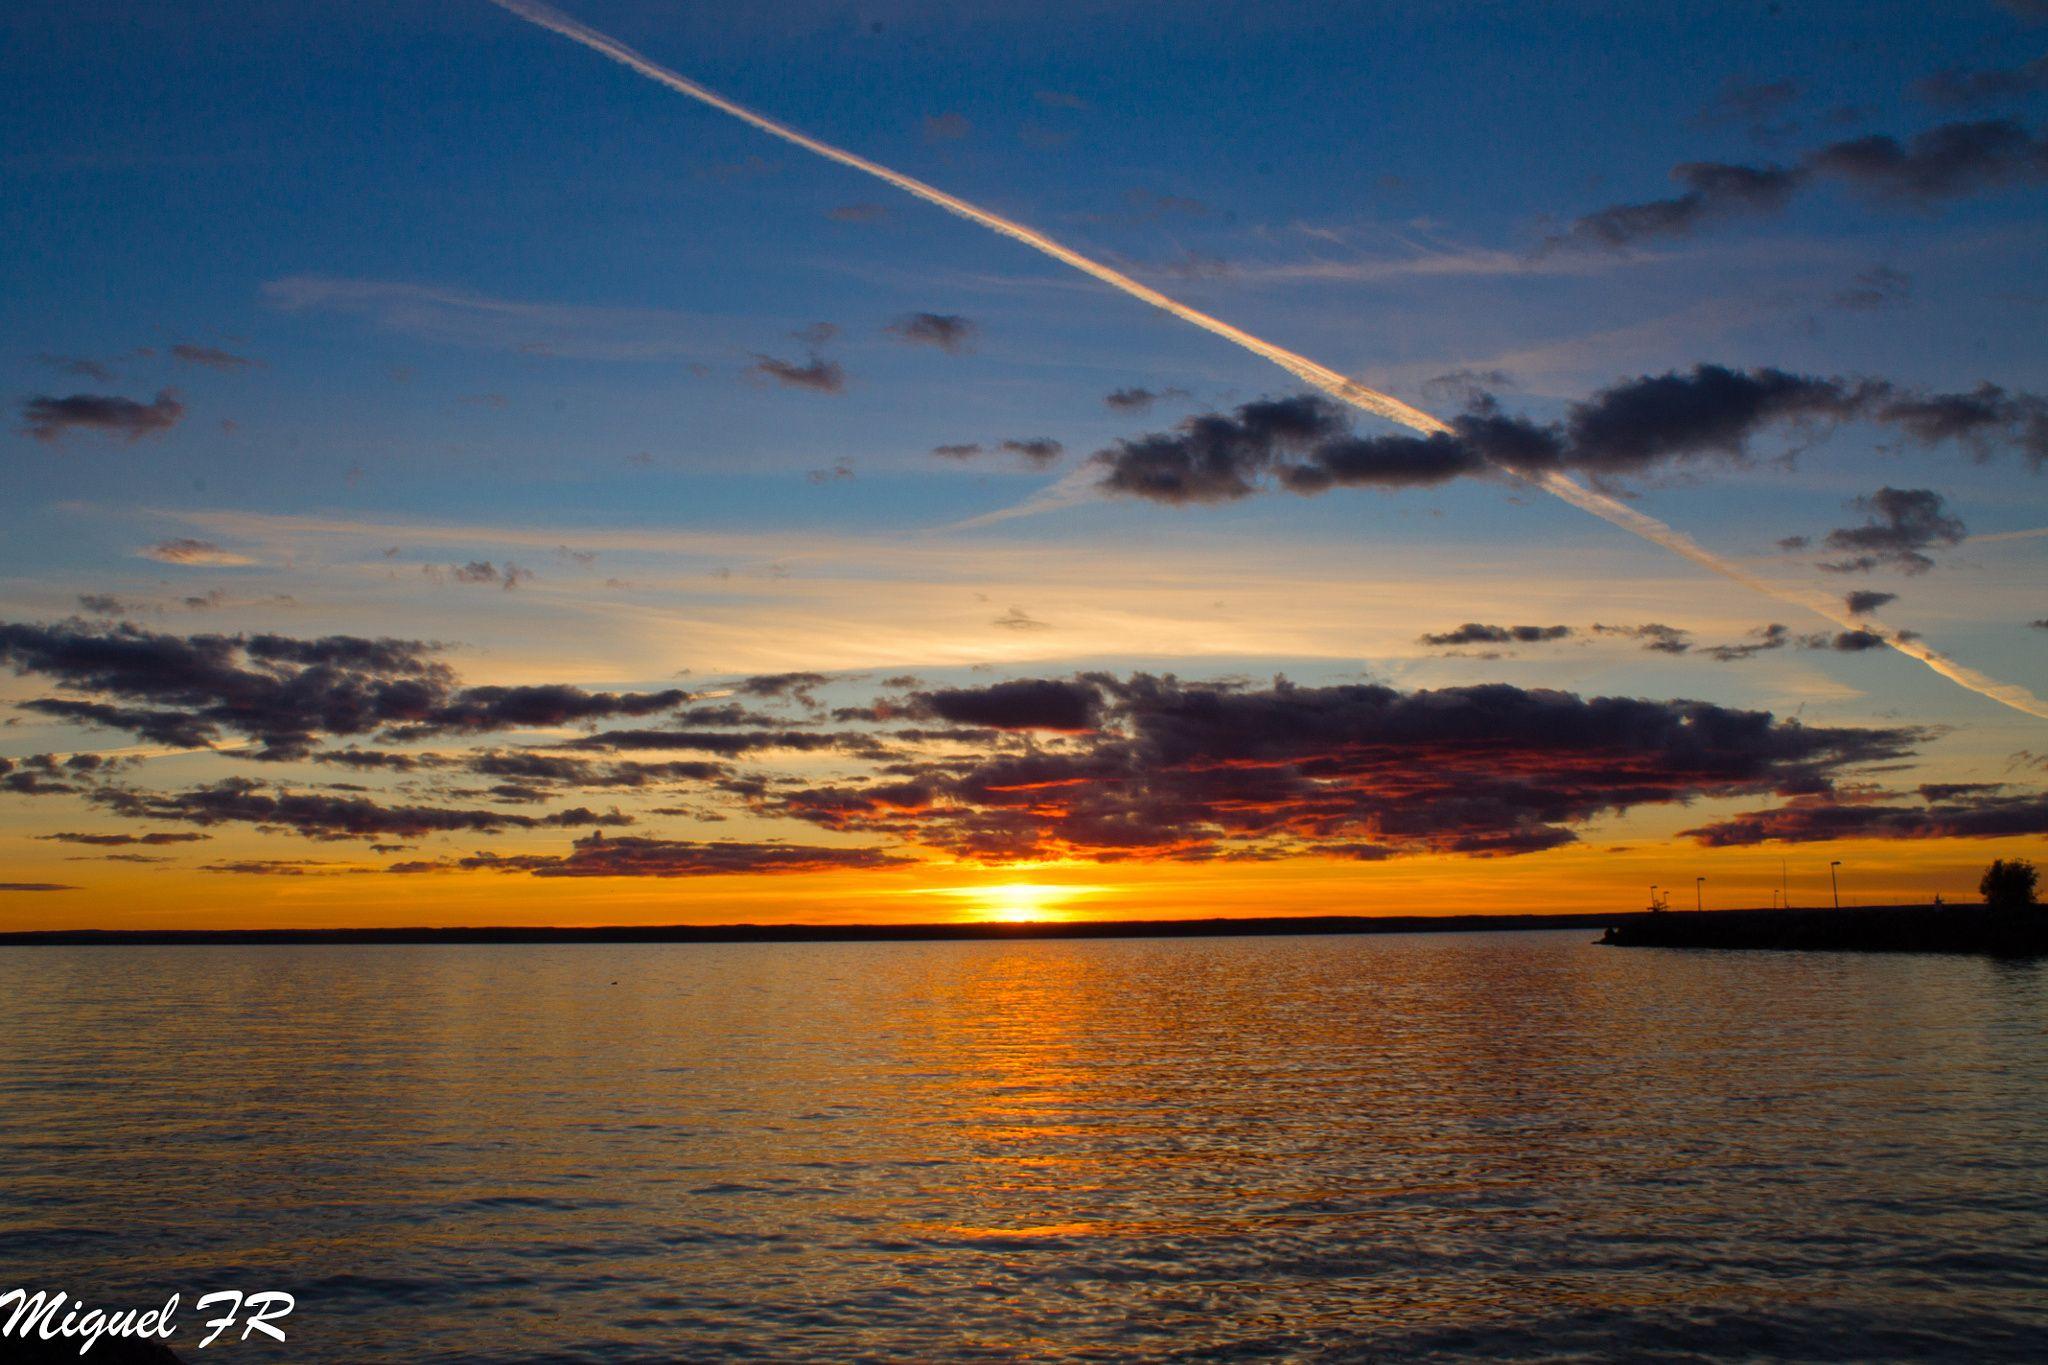 Gränna - Interminable puesta de sol desde el puerto de Gränna en Suecia.